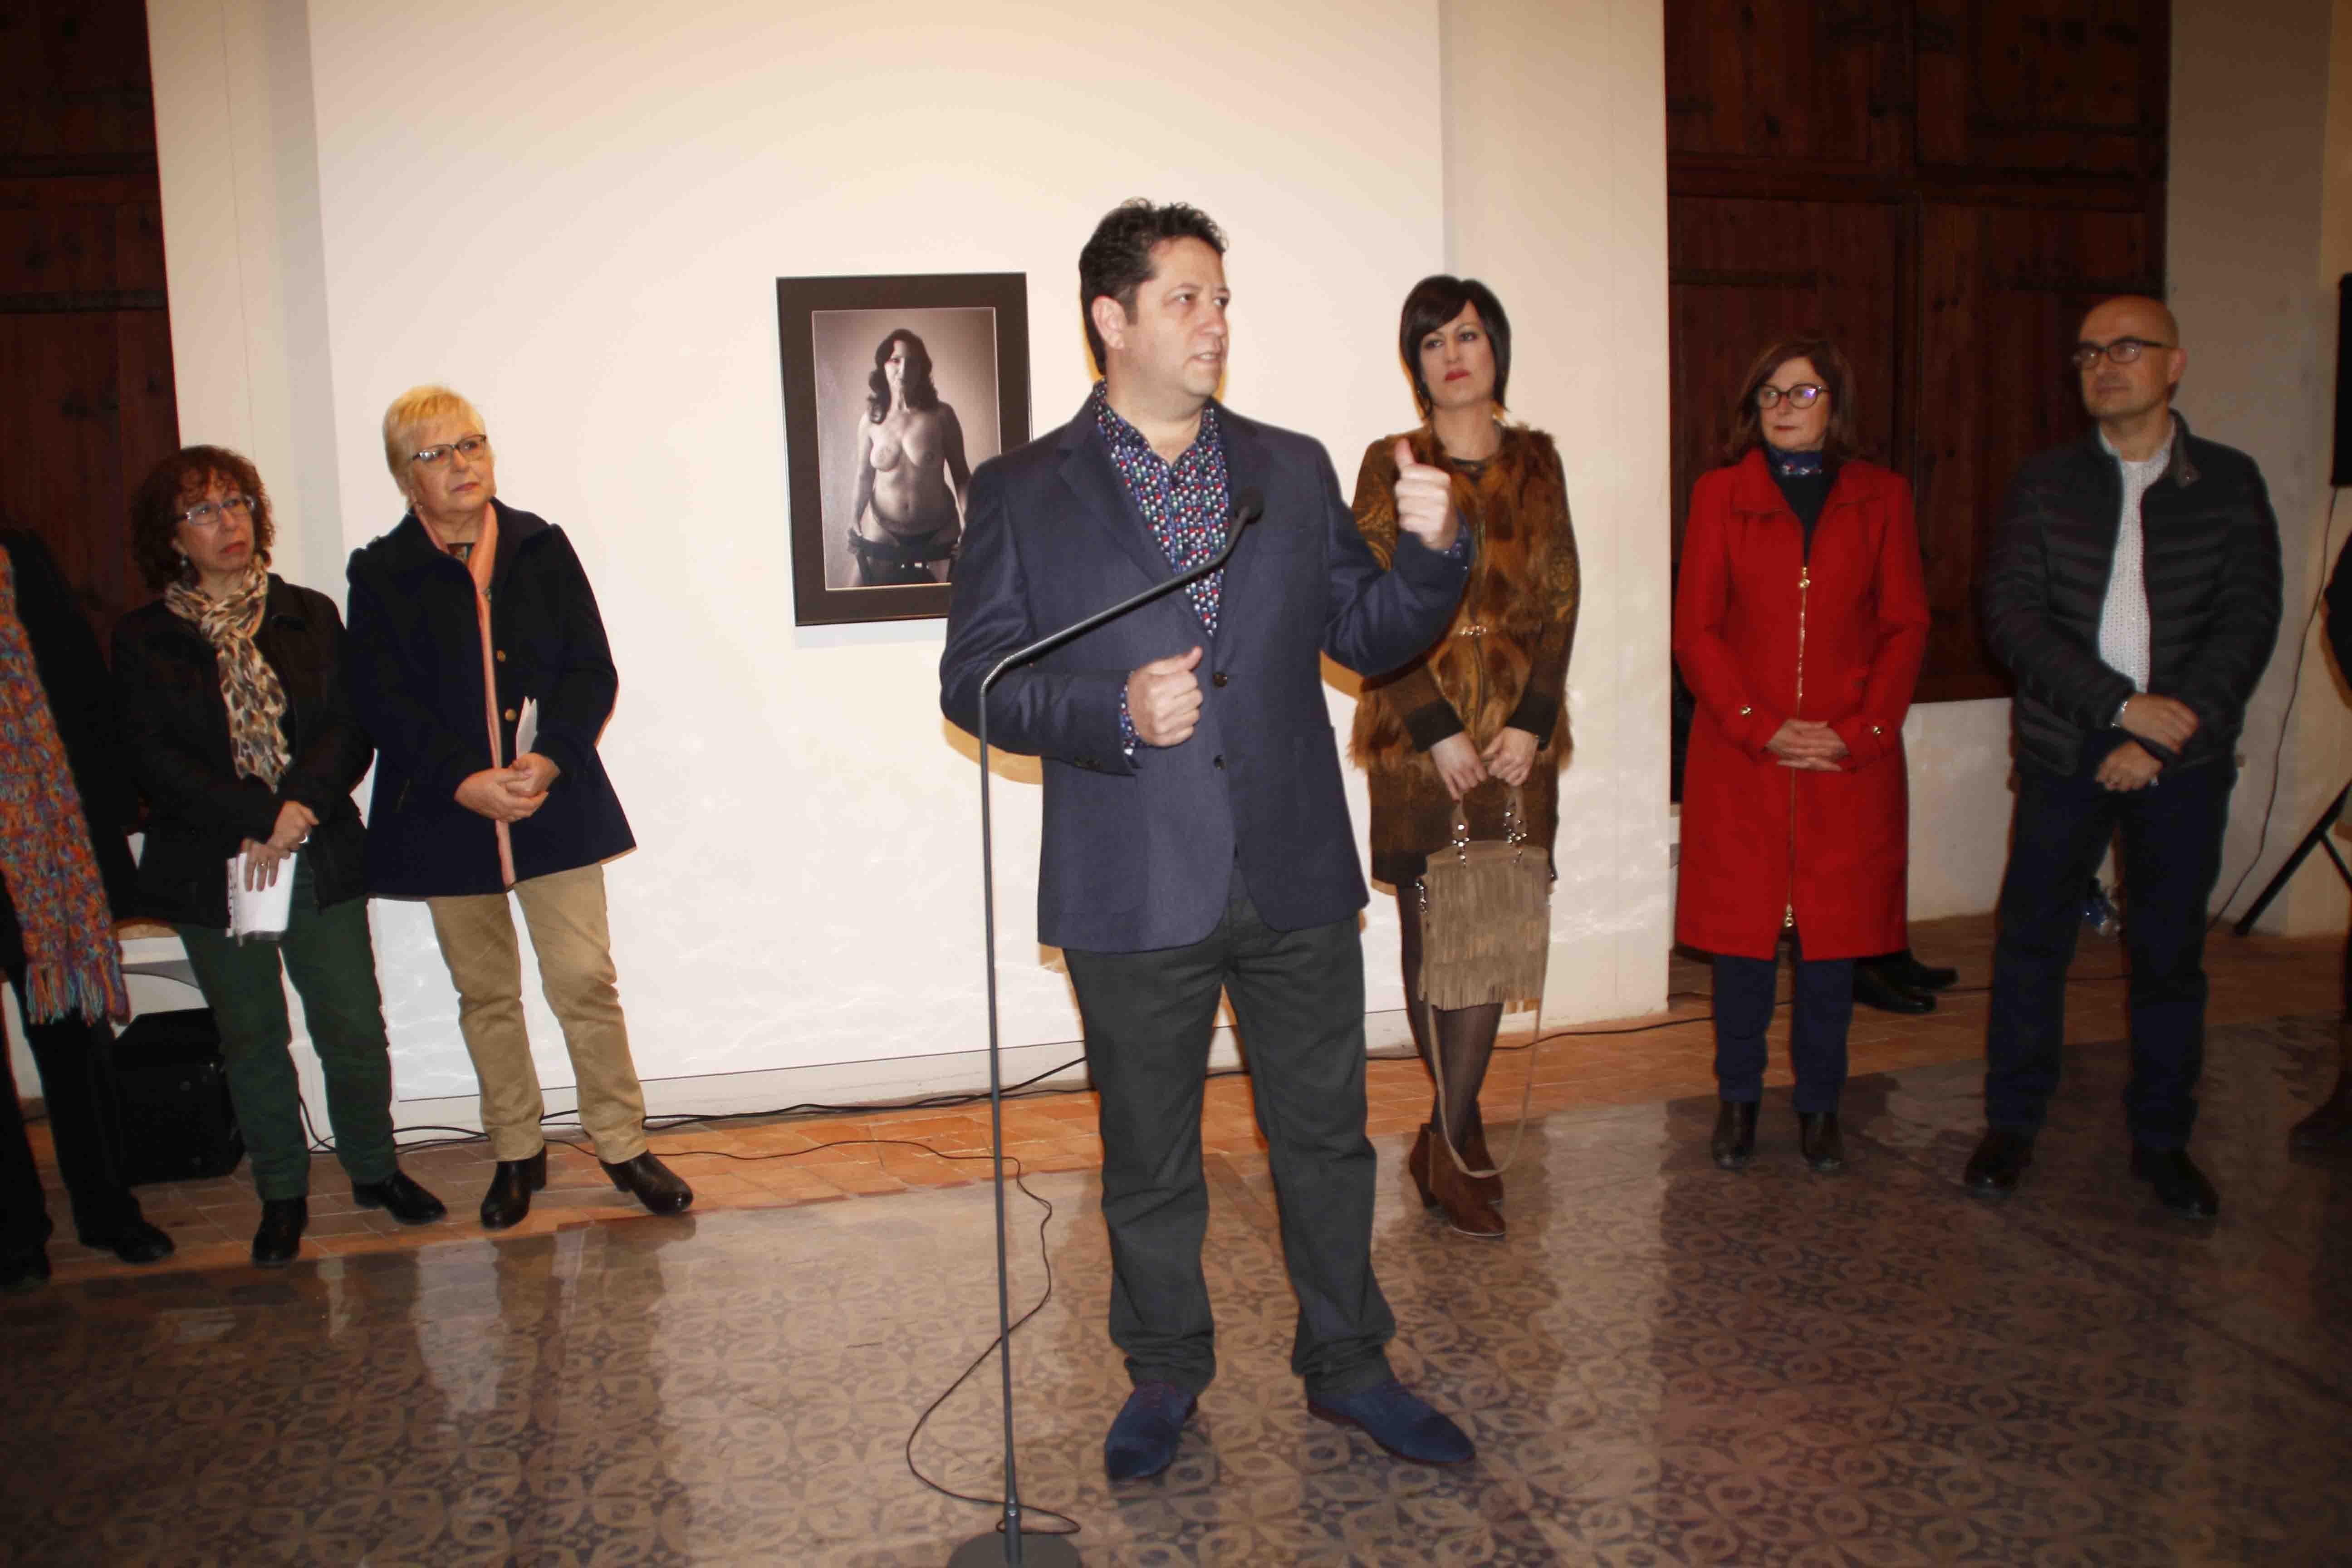 Pots visitar l'exposició 'Mastectomitzades' fins al 20 de febrer al Castell d'Alaquàs